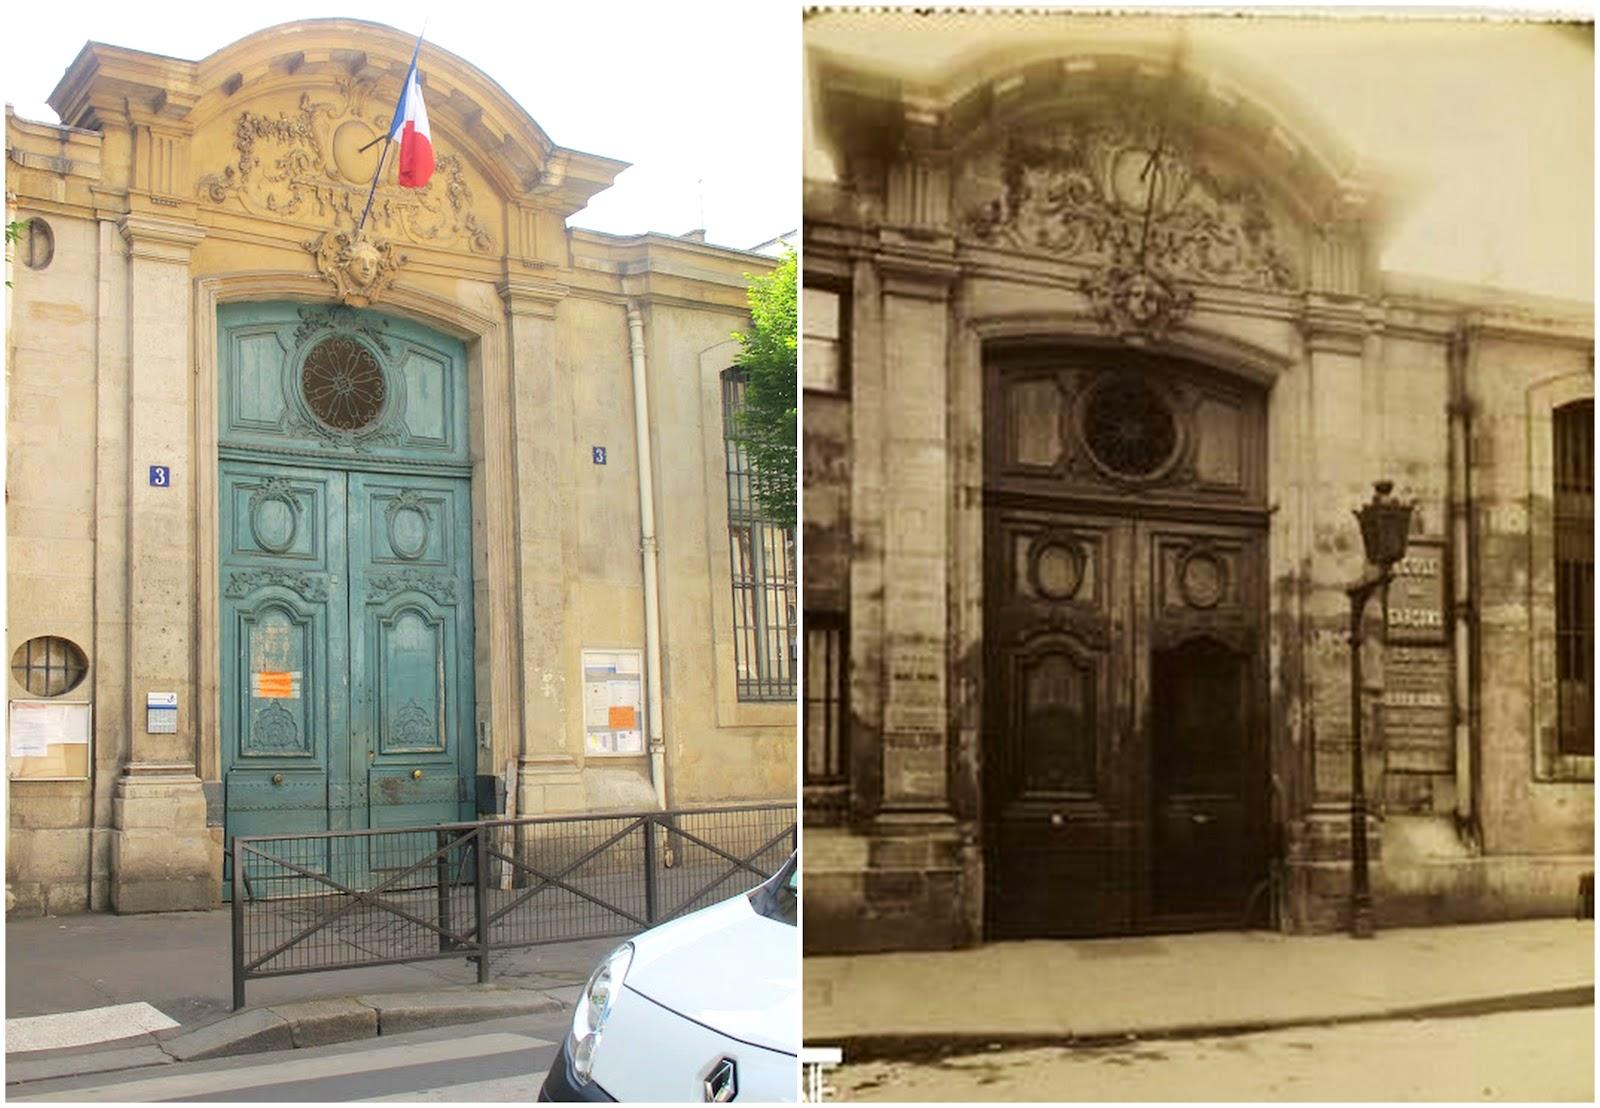 Photographie paris d 39 hier et d 39 aujourd 39 hui parall le for Photographie paris